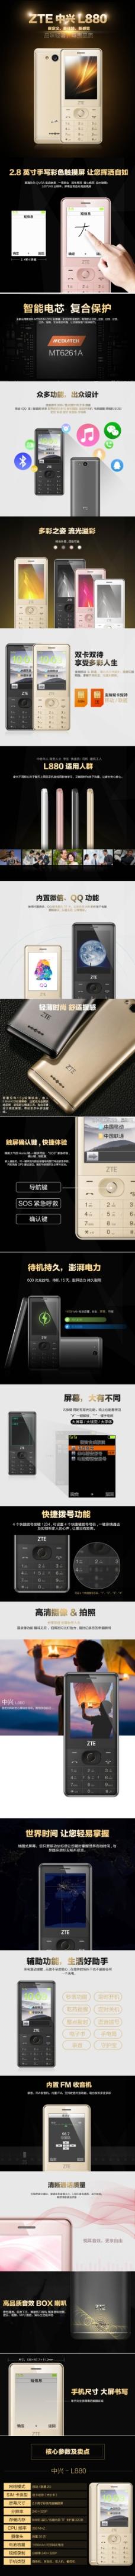 淘宝电商数码电器手机详情页